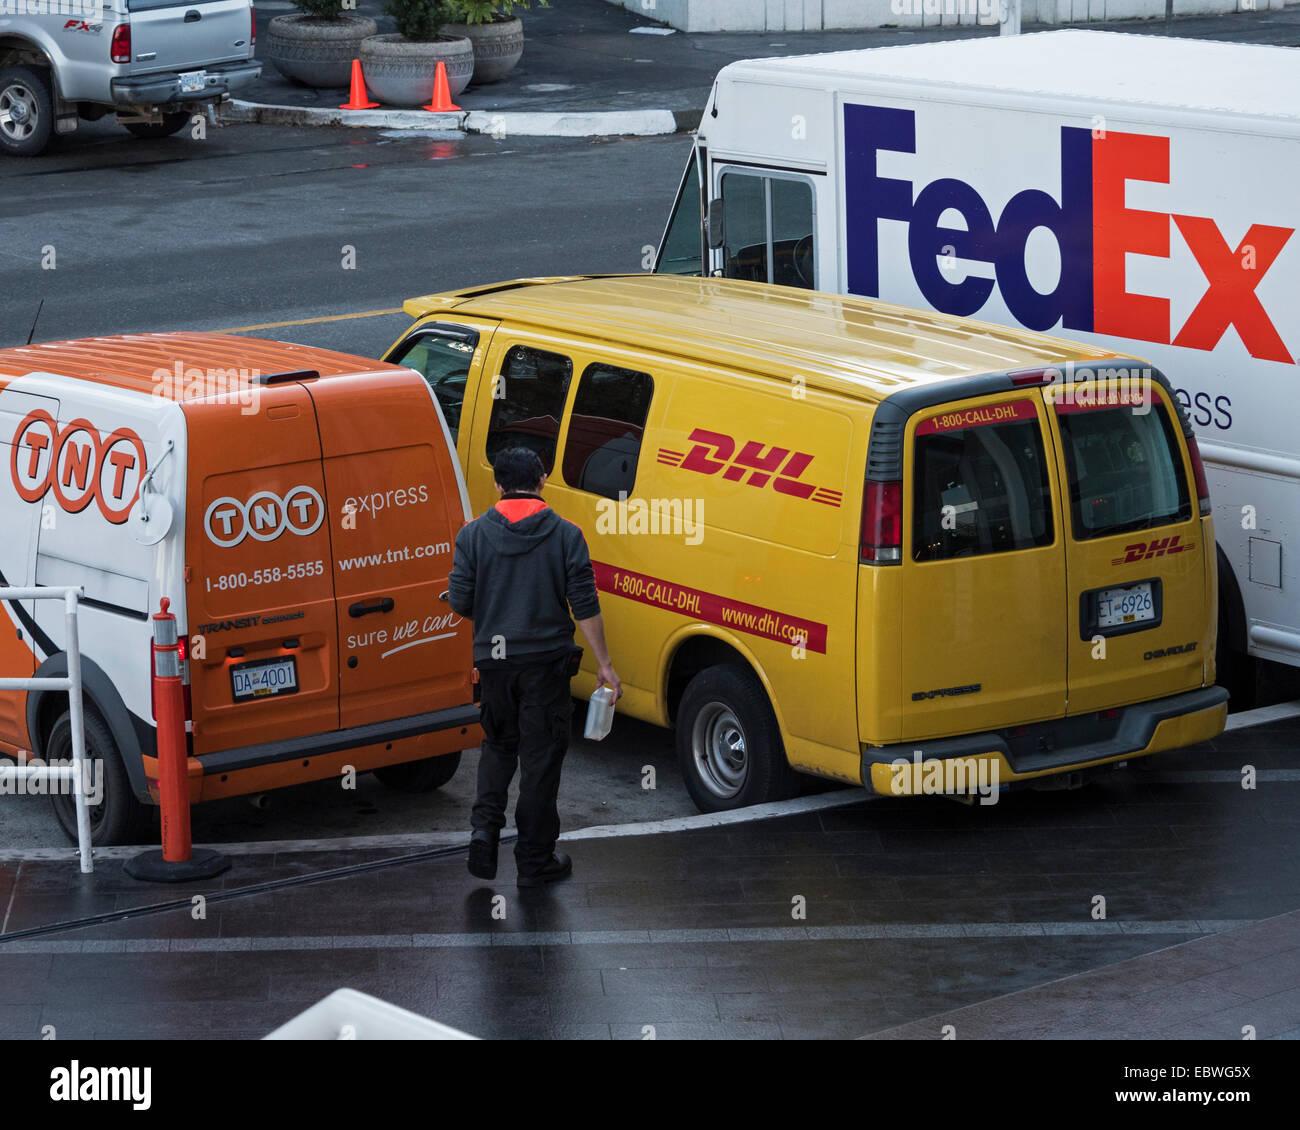 9b7493c7c6bdab Delivery vans belonging to TNT